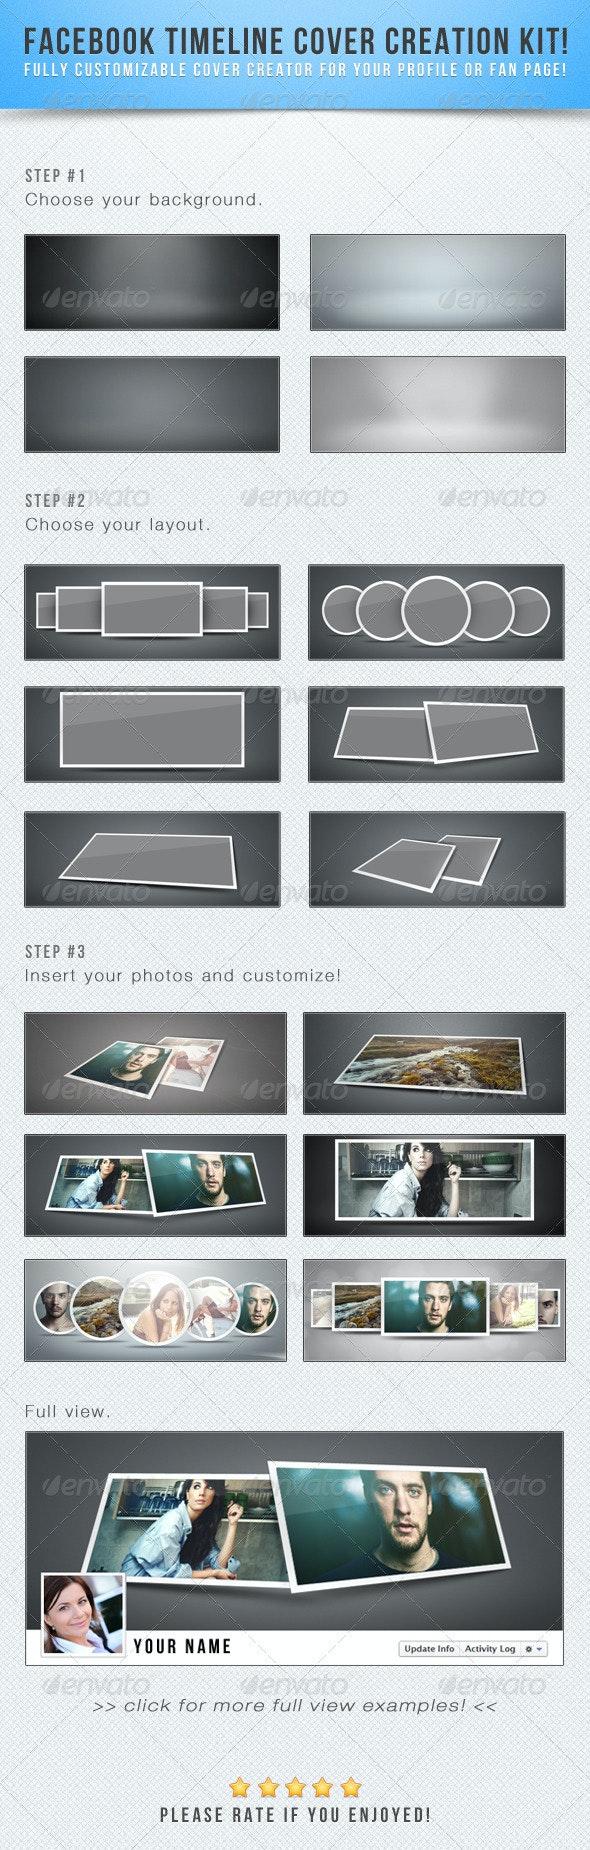 Facebook Timeline Cover Creation Kit